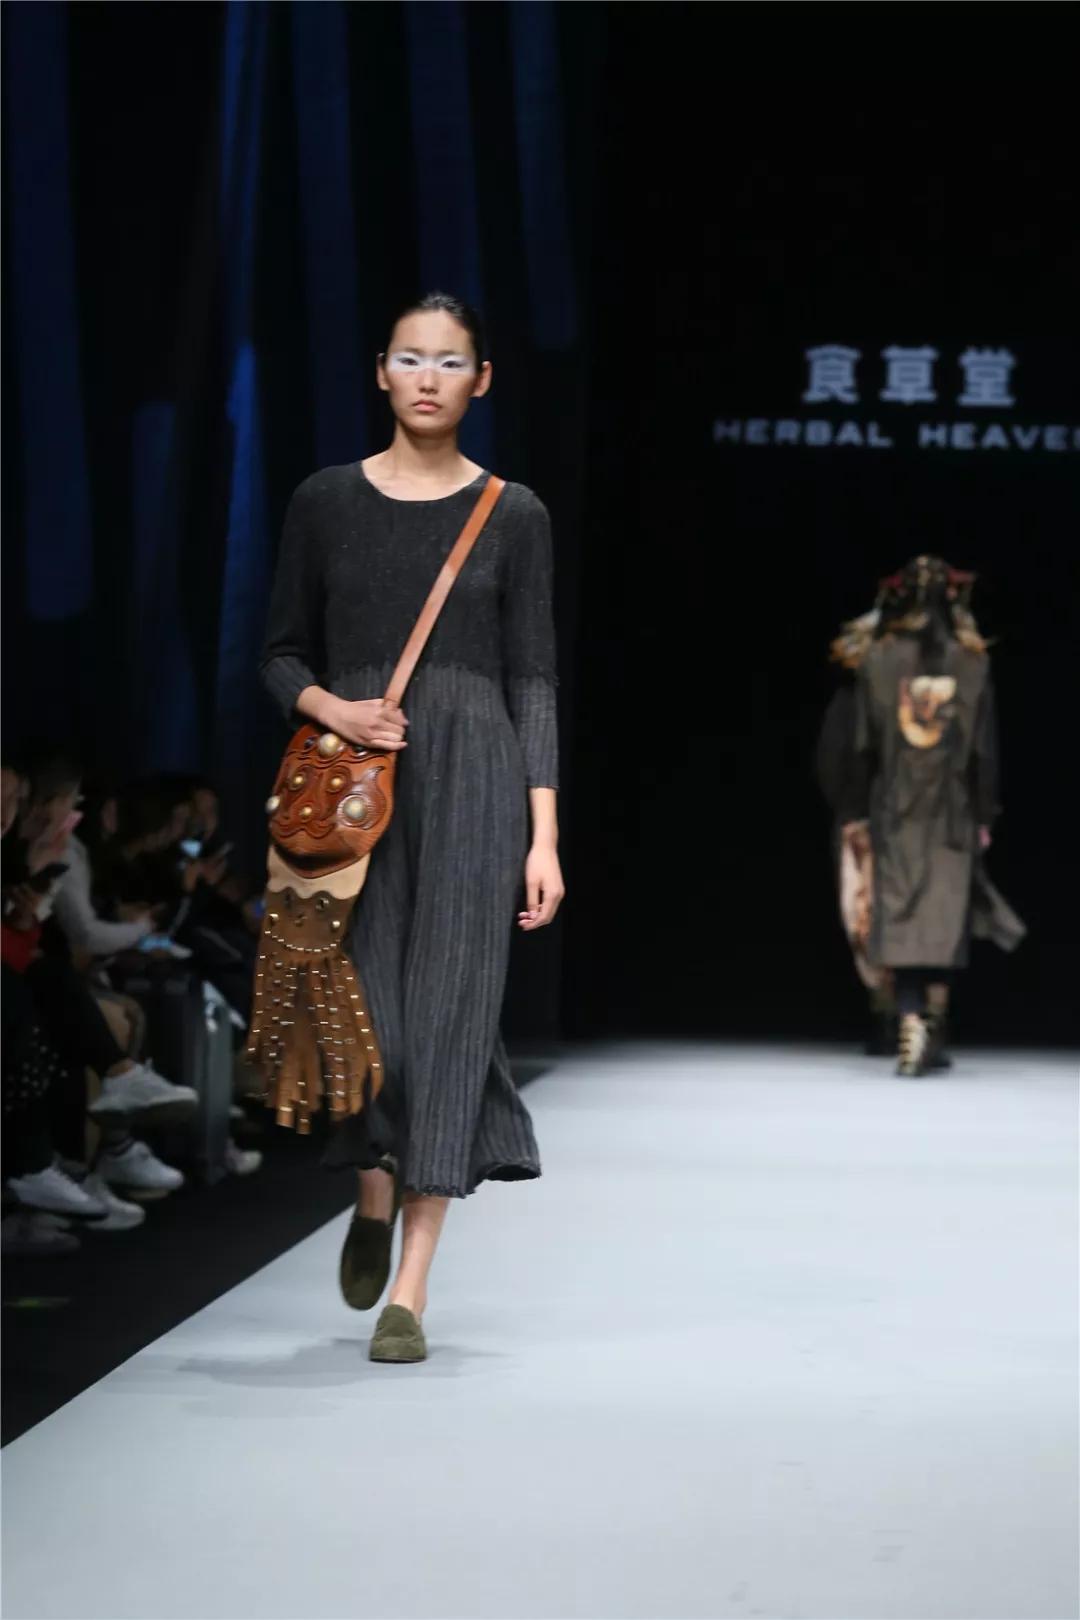 中国国际时装周2019春夏流行趋势发布(图6)